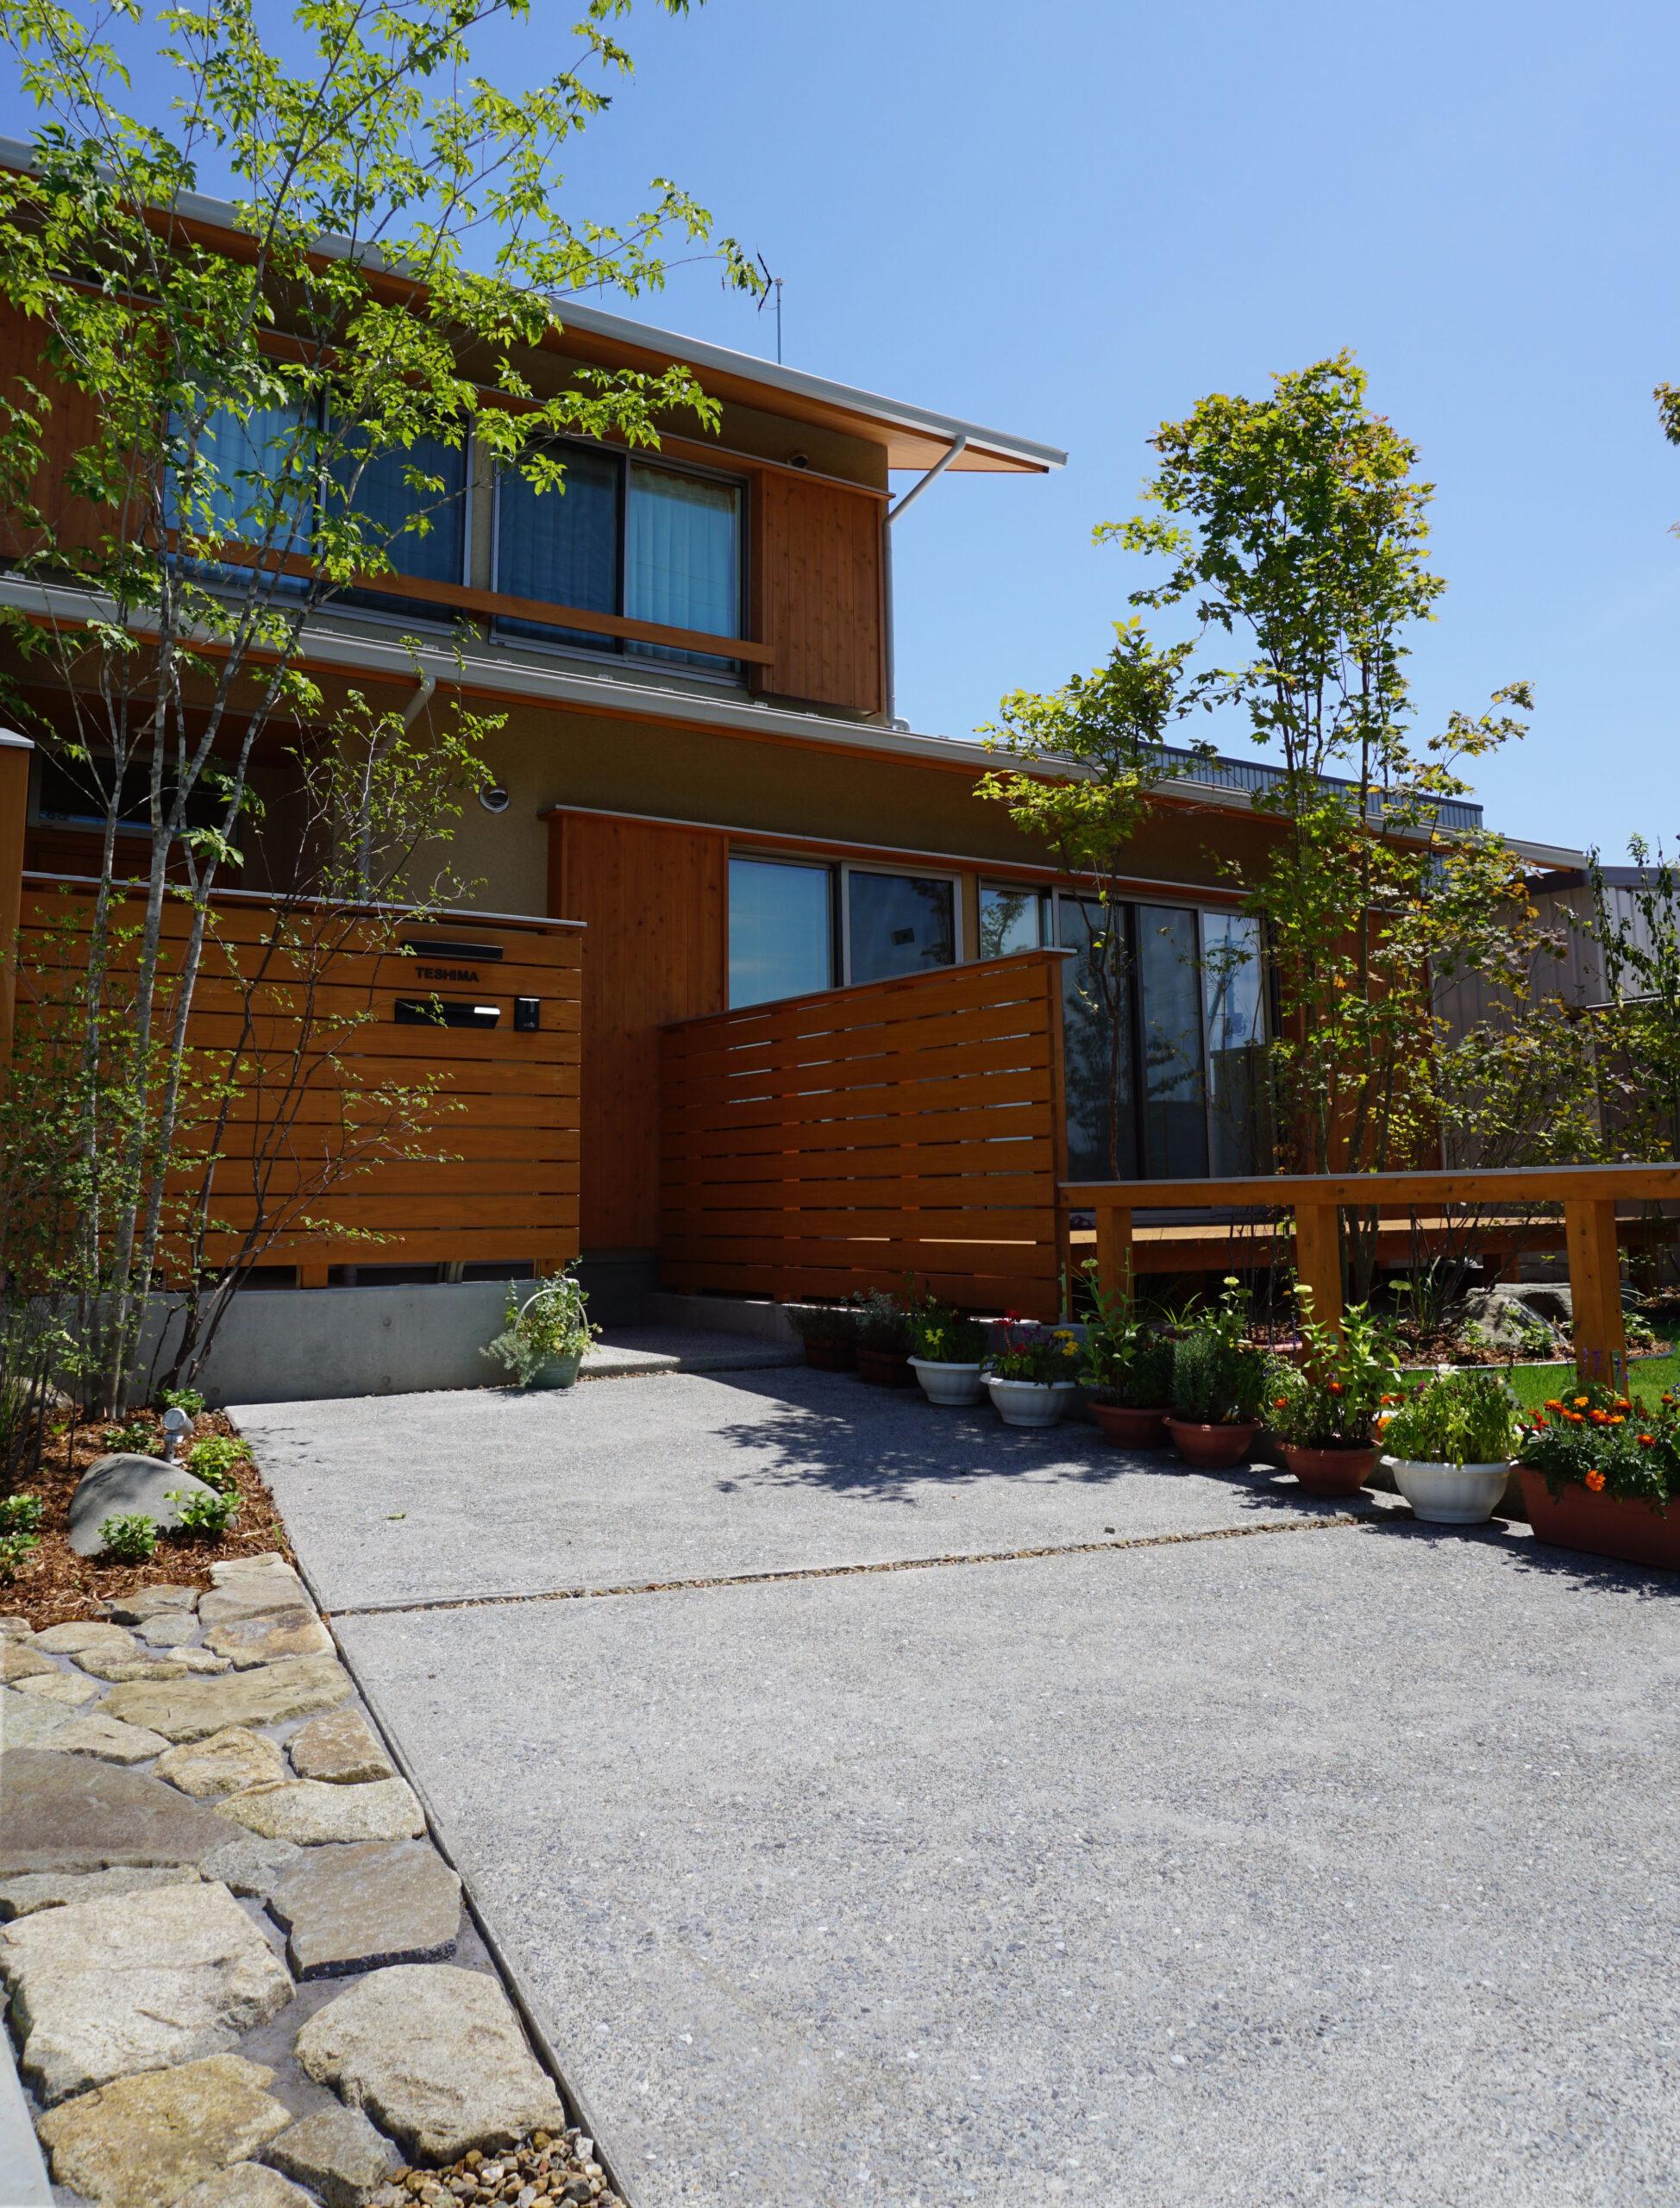 For example, おすすめの洗い出しコンクリートを使ったおしゃれなFor example, 玄関アプローチFor example,グロウスガーデン